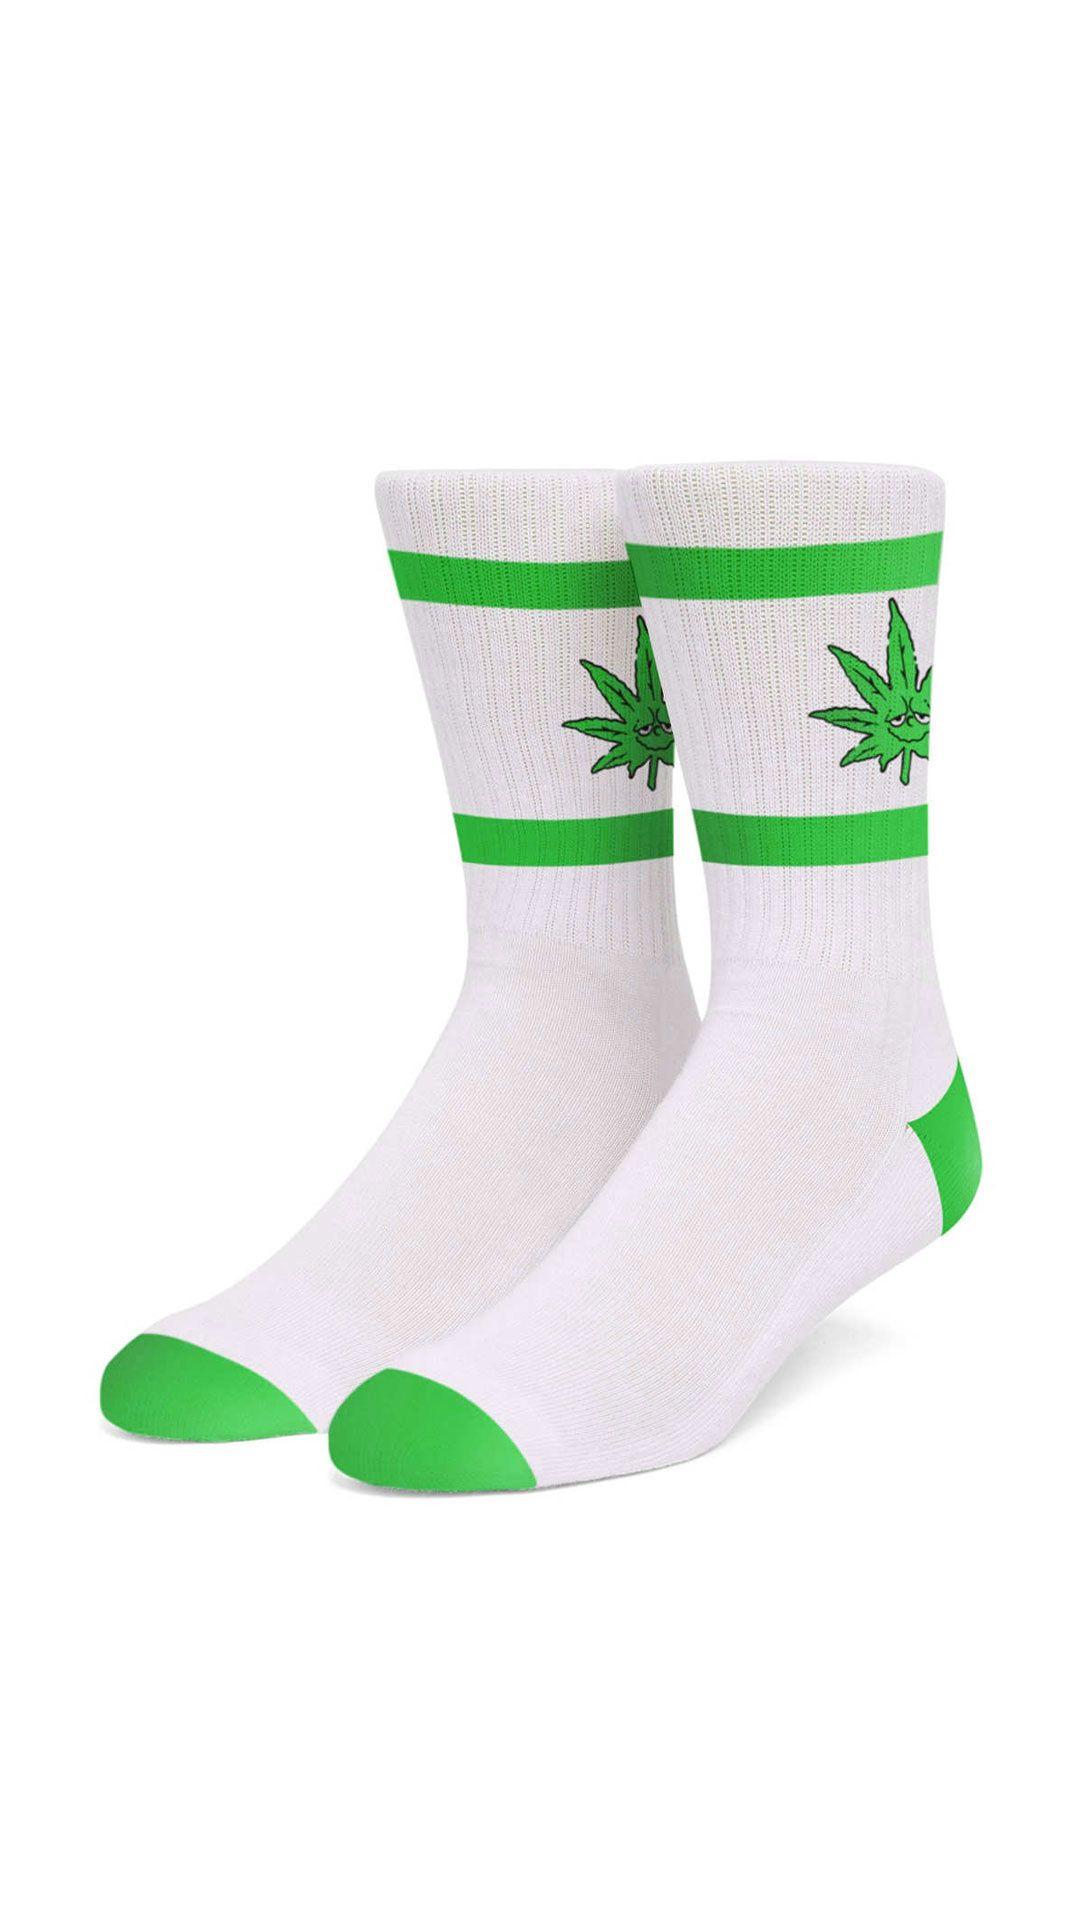 Afbeelding van HUF Sokken Green Buddy Athletic Socks White SK00635